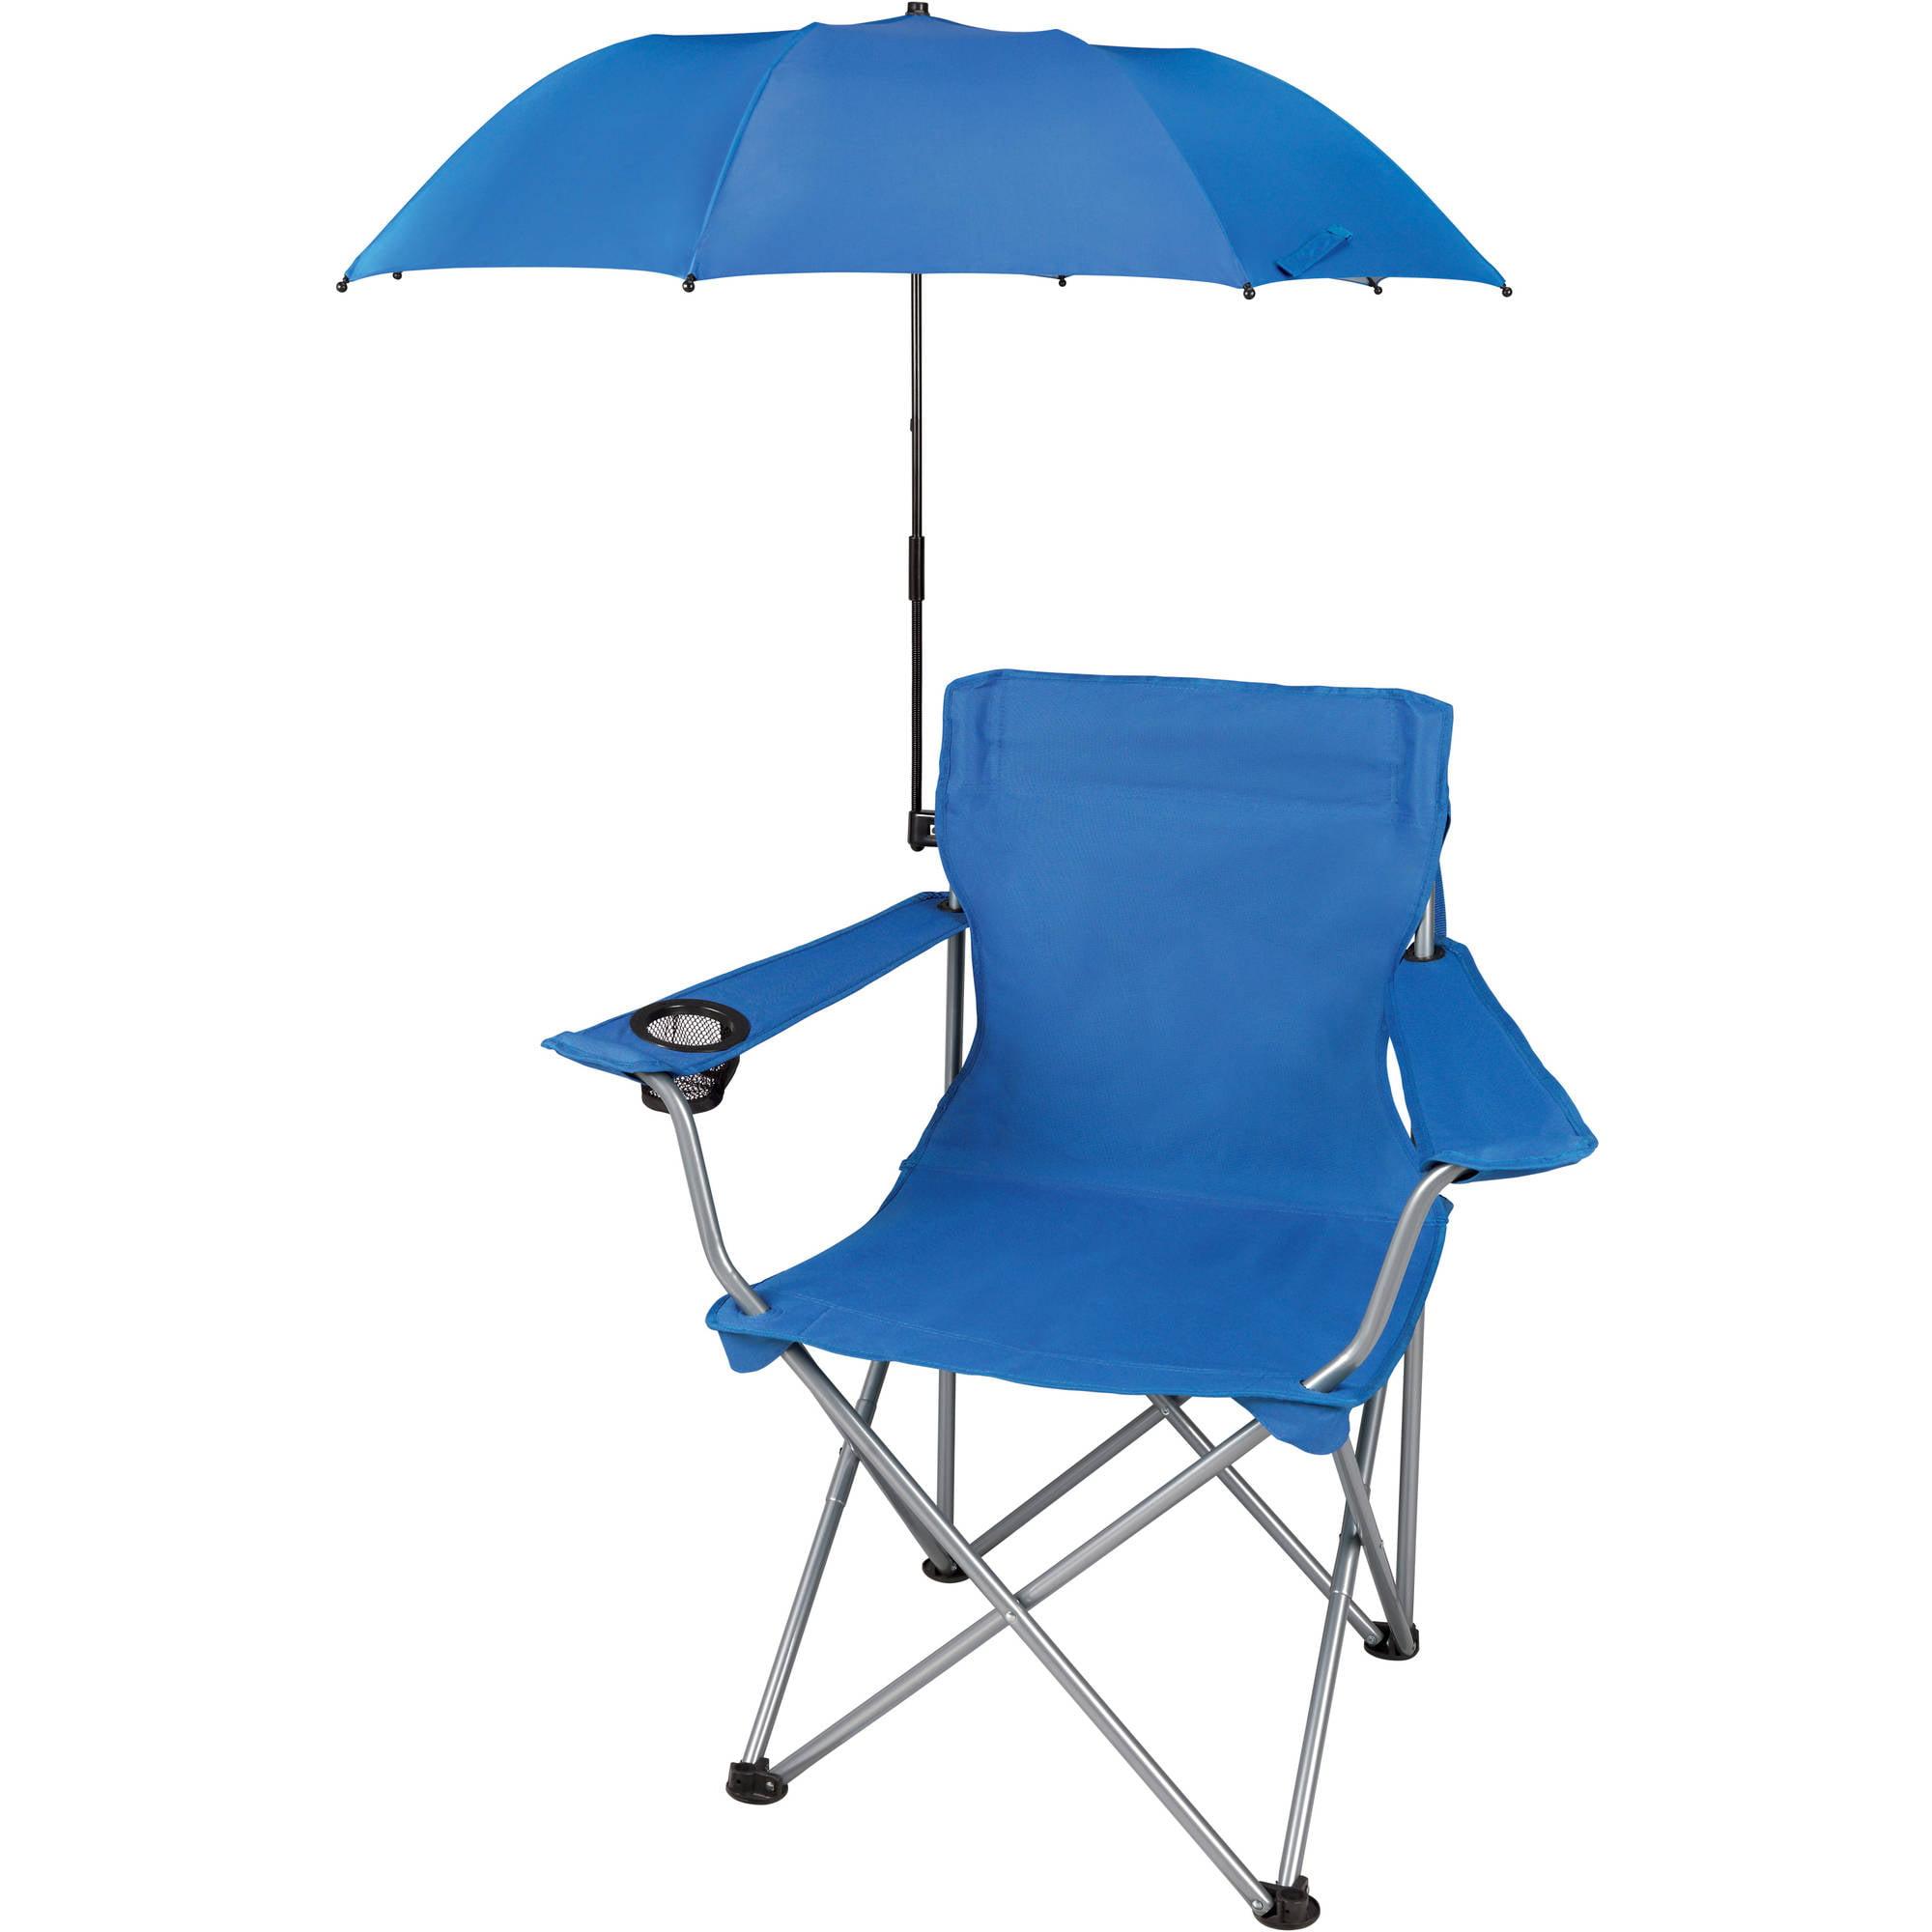 Ozark Trail Outdoor Chair Umbrella Attachment